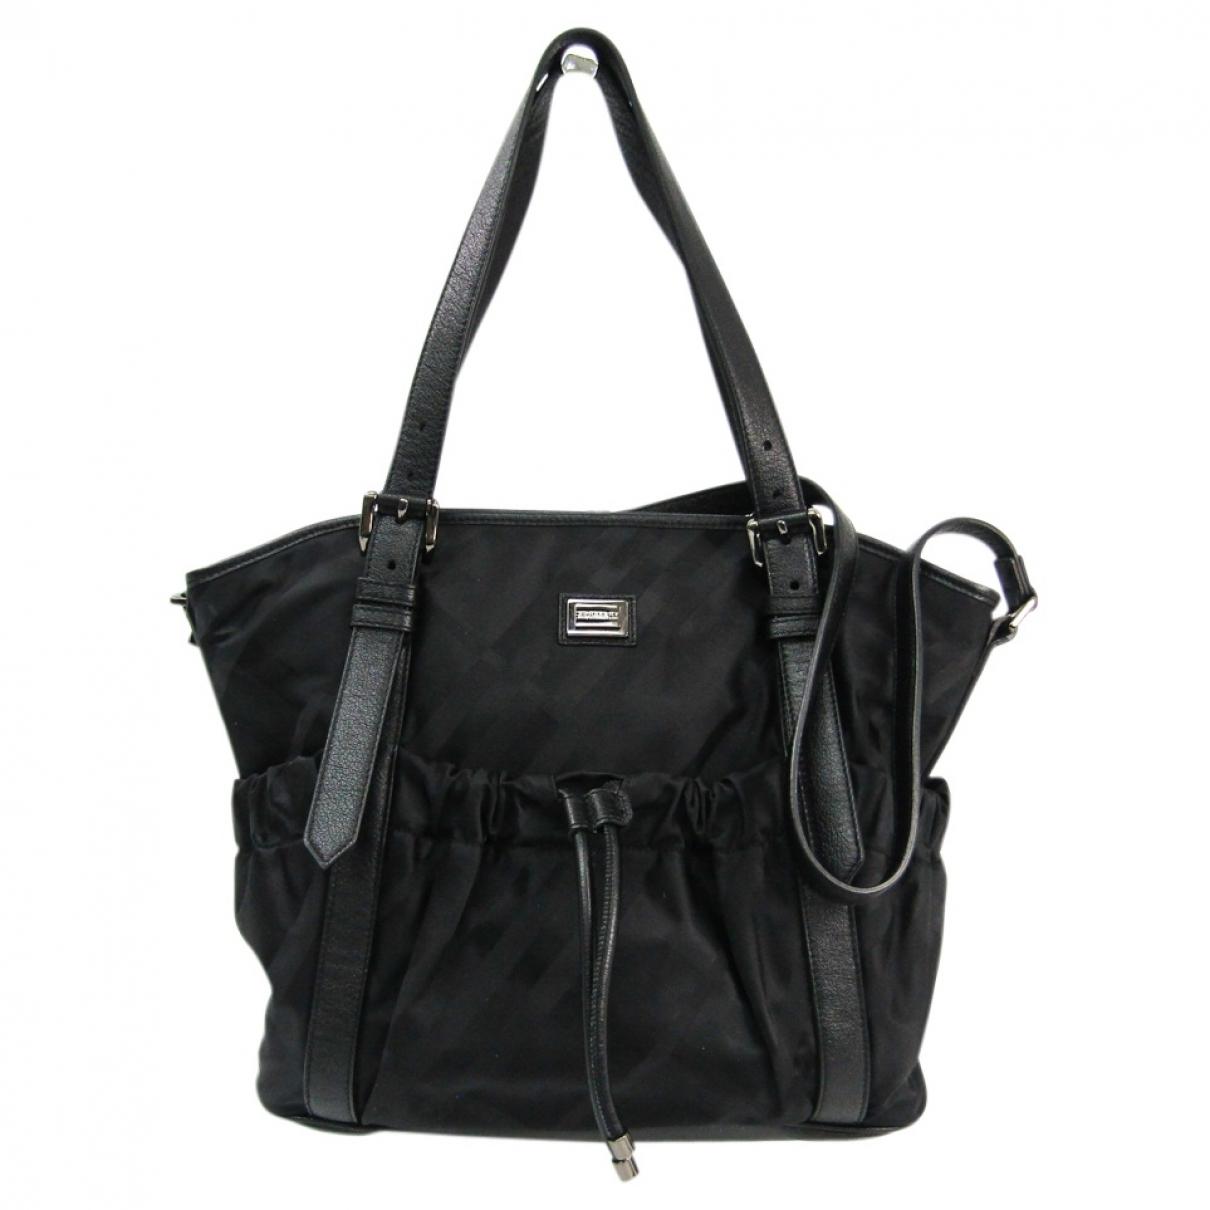 Burberry \N Black handbag for Women \N